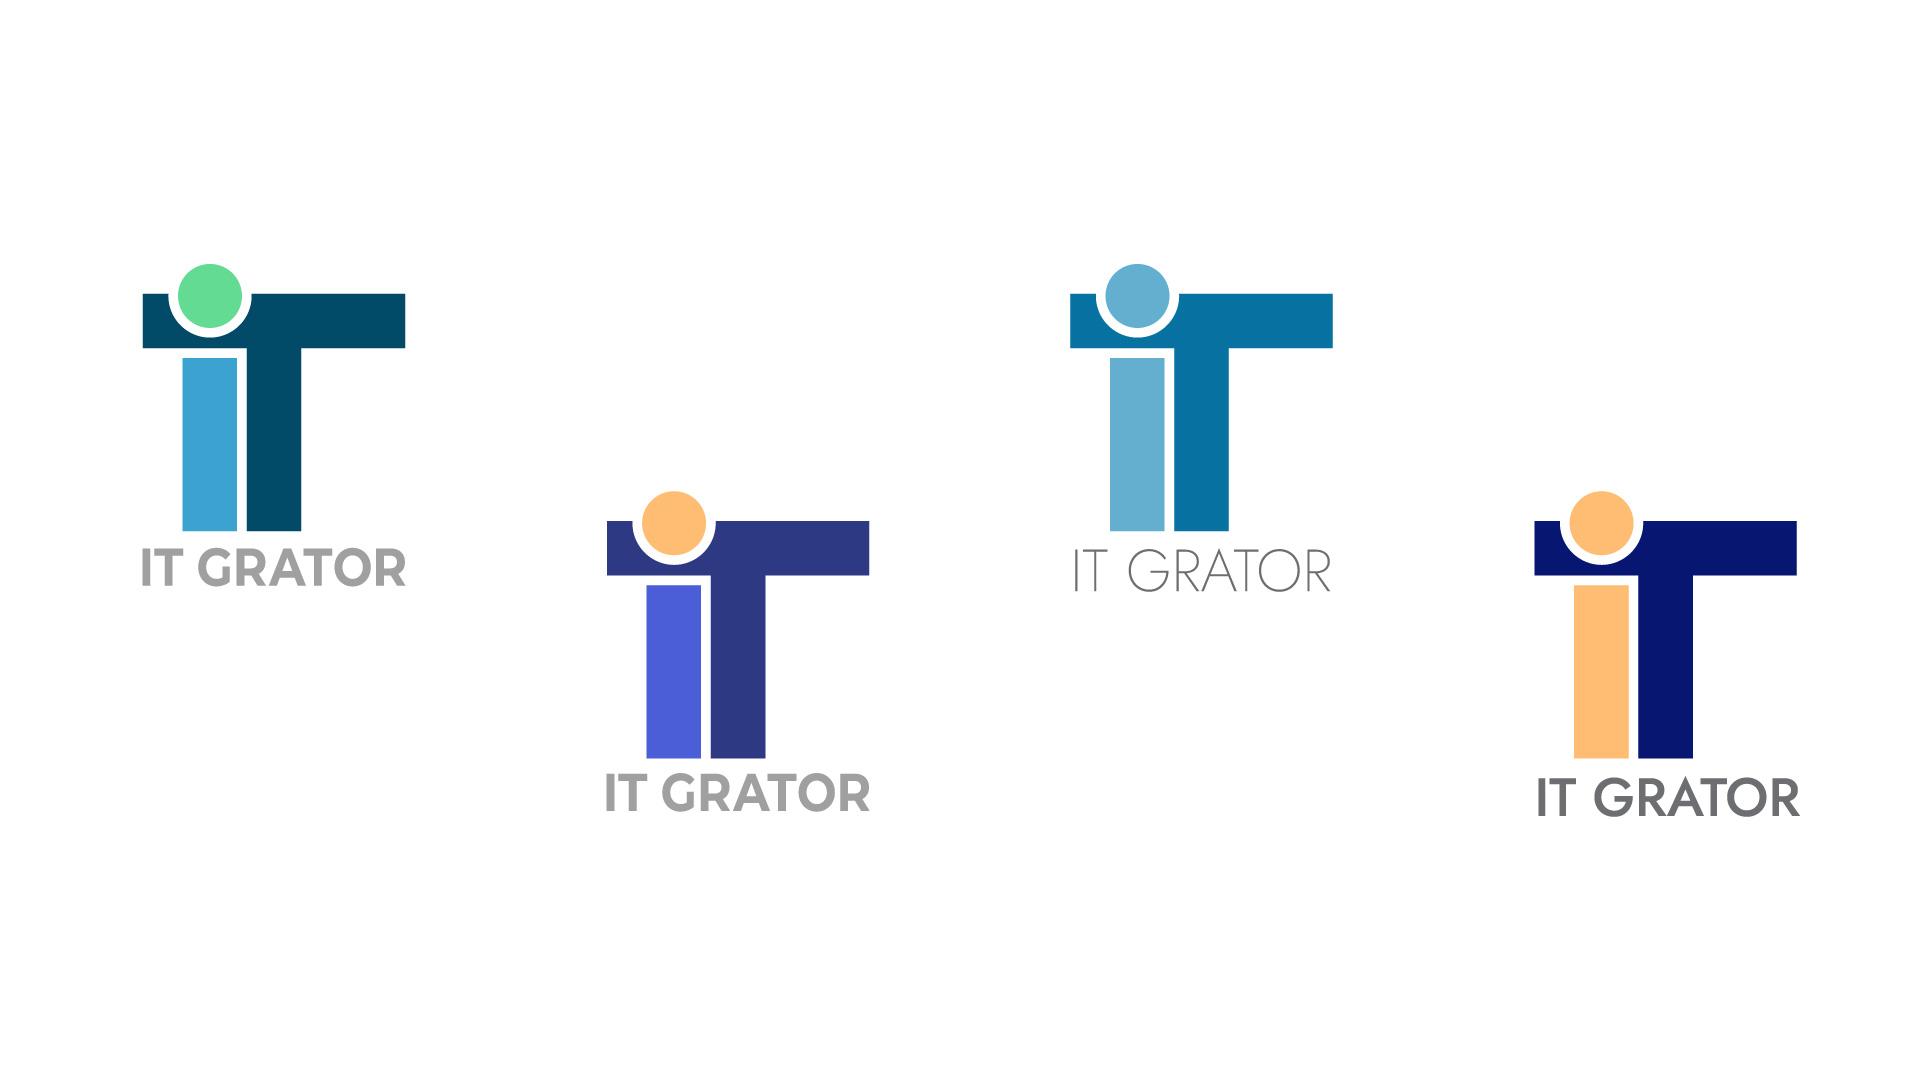 Логотип для IT интегратора фото f_184614b250de5228.jpg